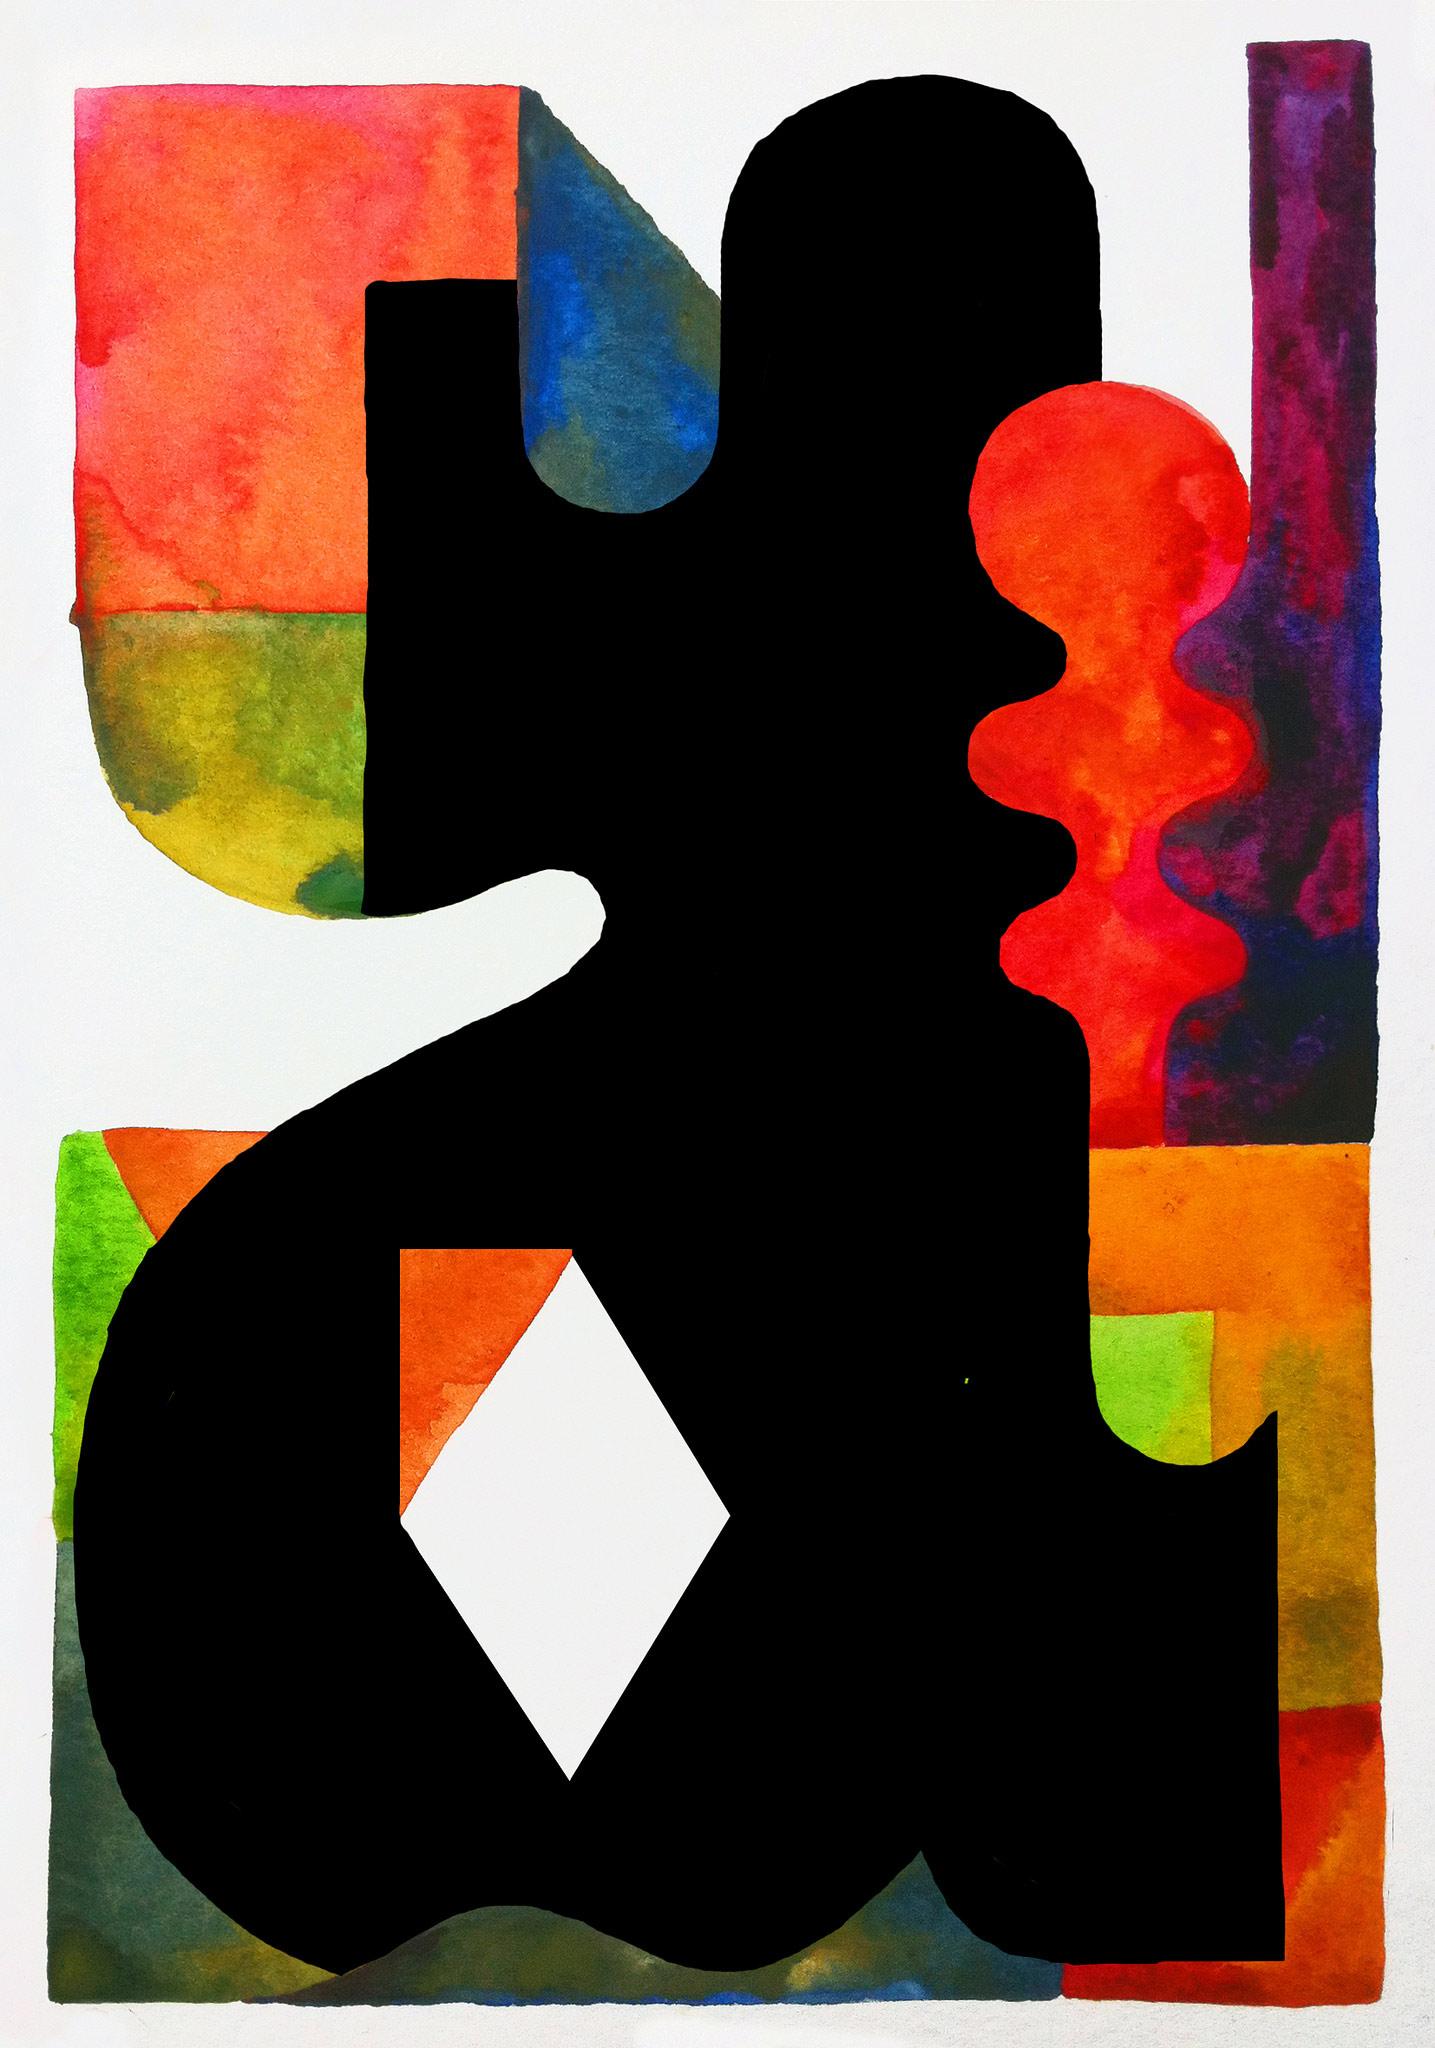 graf-artist-gsulf11